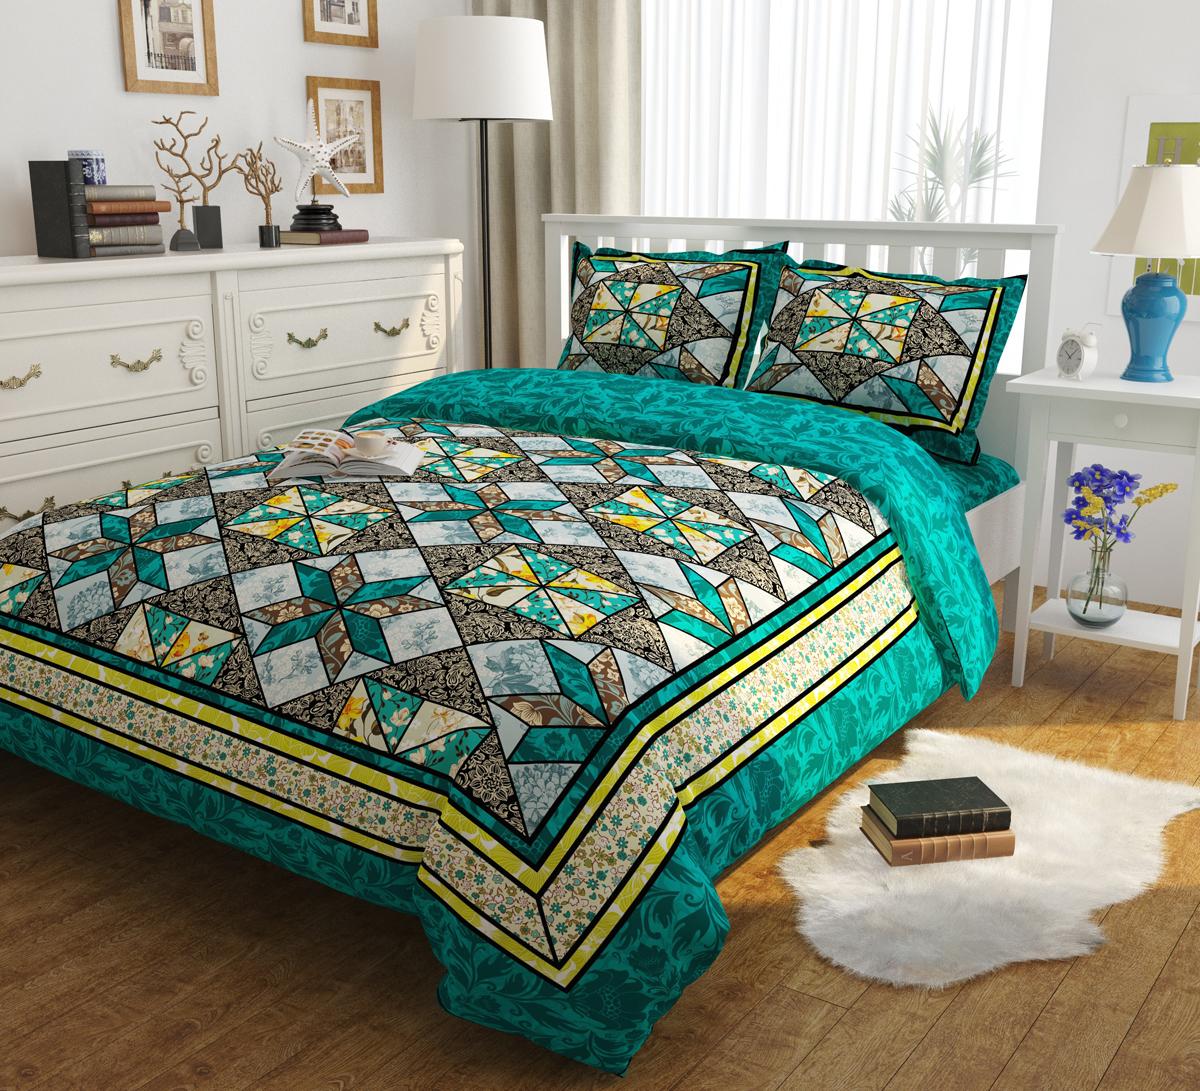 Комплект белья Сирень Изумрудные сны, евро, наволочки 50x70 смКПБЕМ-10443Комплект постельного белья Сирень Евро выполнен из прочной и мягкой ткани. Четкий и стильный рисунок в сочетании с насыщенными красками делают комплект постельного белья неповторимой изюминкой любого интерьера. Постельное белье Сирень - это хороший подарок в любое время. Идеальное соотношение смешенной ткани и гипоаллергенных красок это гарантия здорового, спокойного сна.Ткань хорошо впитывает влагу, надолго сохраняет яркость красок. Цвет простыни, пододеяльника, наволочки в комплектации может немного отличаться от представленного на фото.В комплект входят: простыня - 220х240см; пододельяник 200х220 см; наволочка - 50х70х2шт.Постельное белье легко стирать при 30-40 градусах, гладить при 150 градусах, не отбеливать. Рекомендуется перед первым использованием постирать.